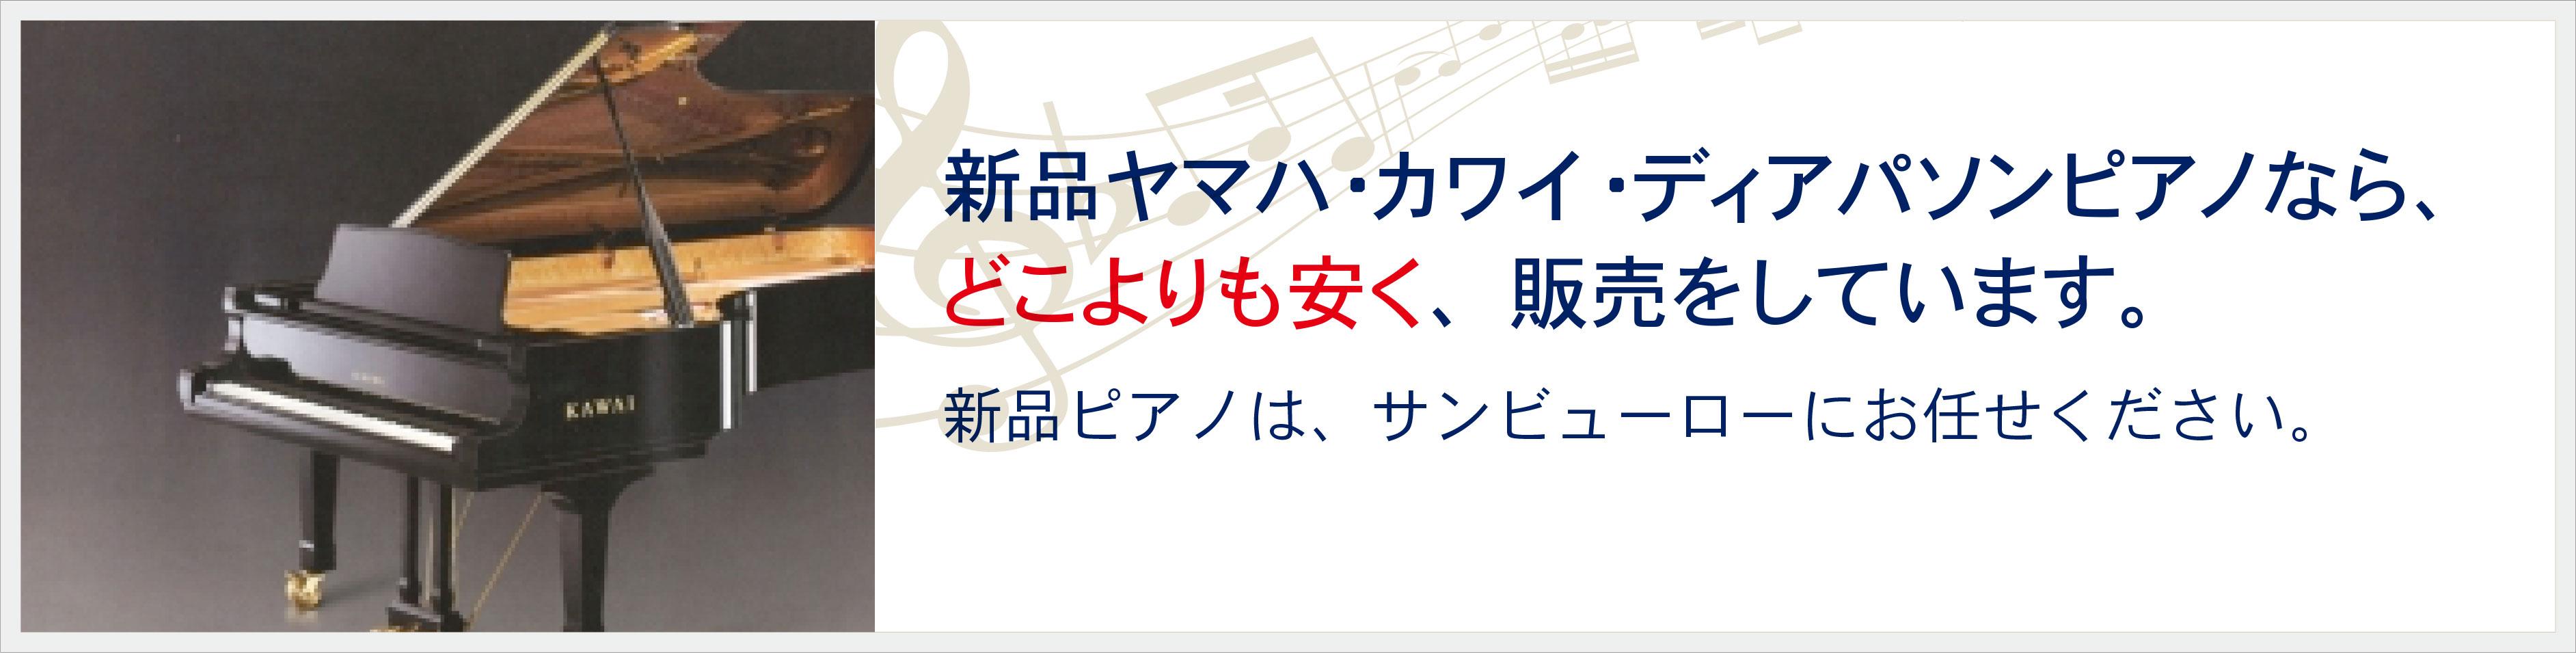 new_bnr3